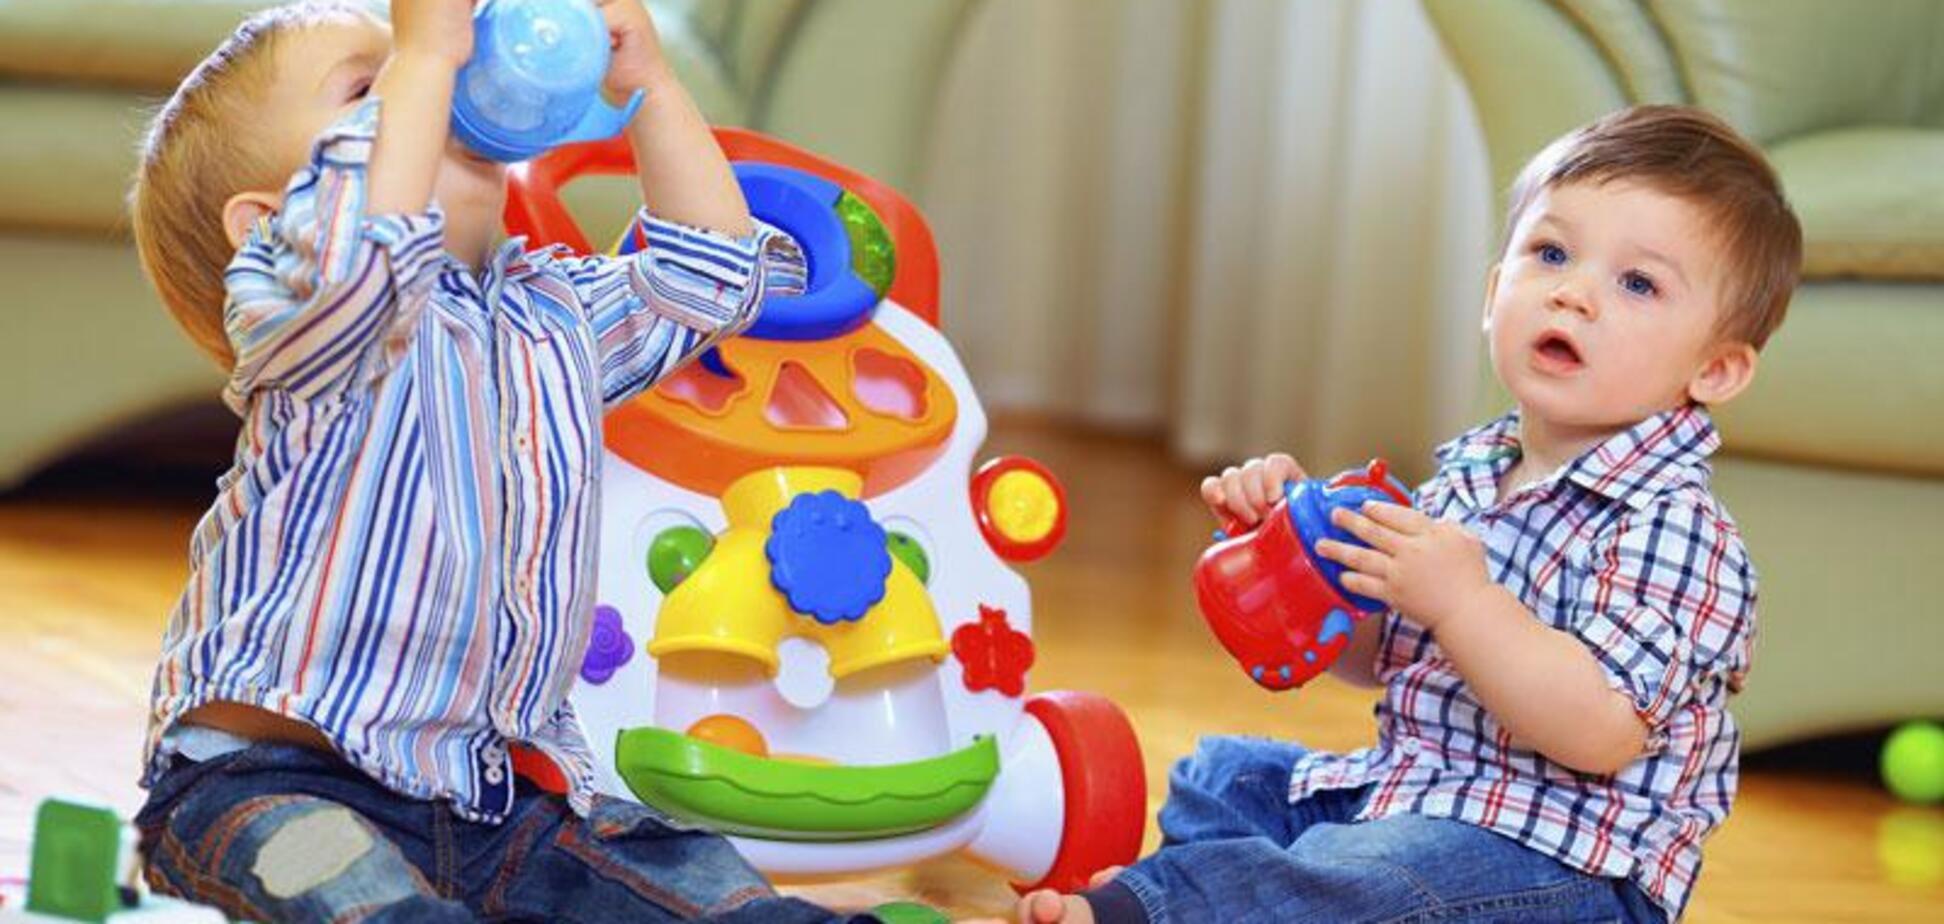 Внимание! Опасные детские игрушки